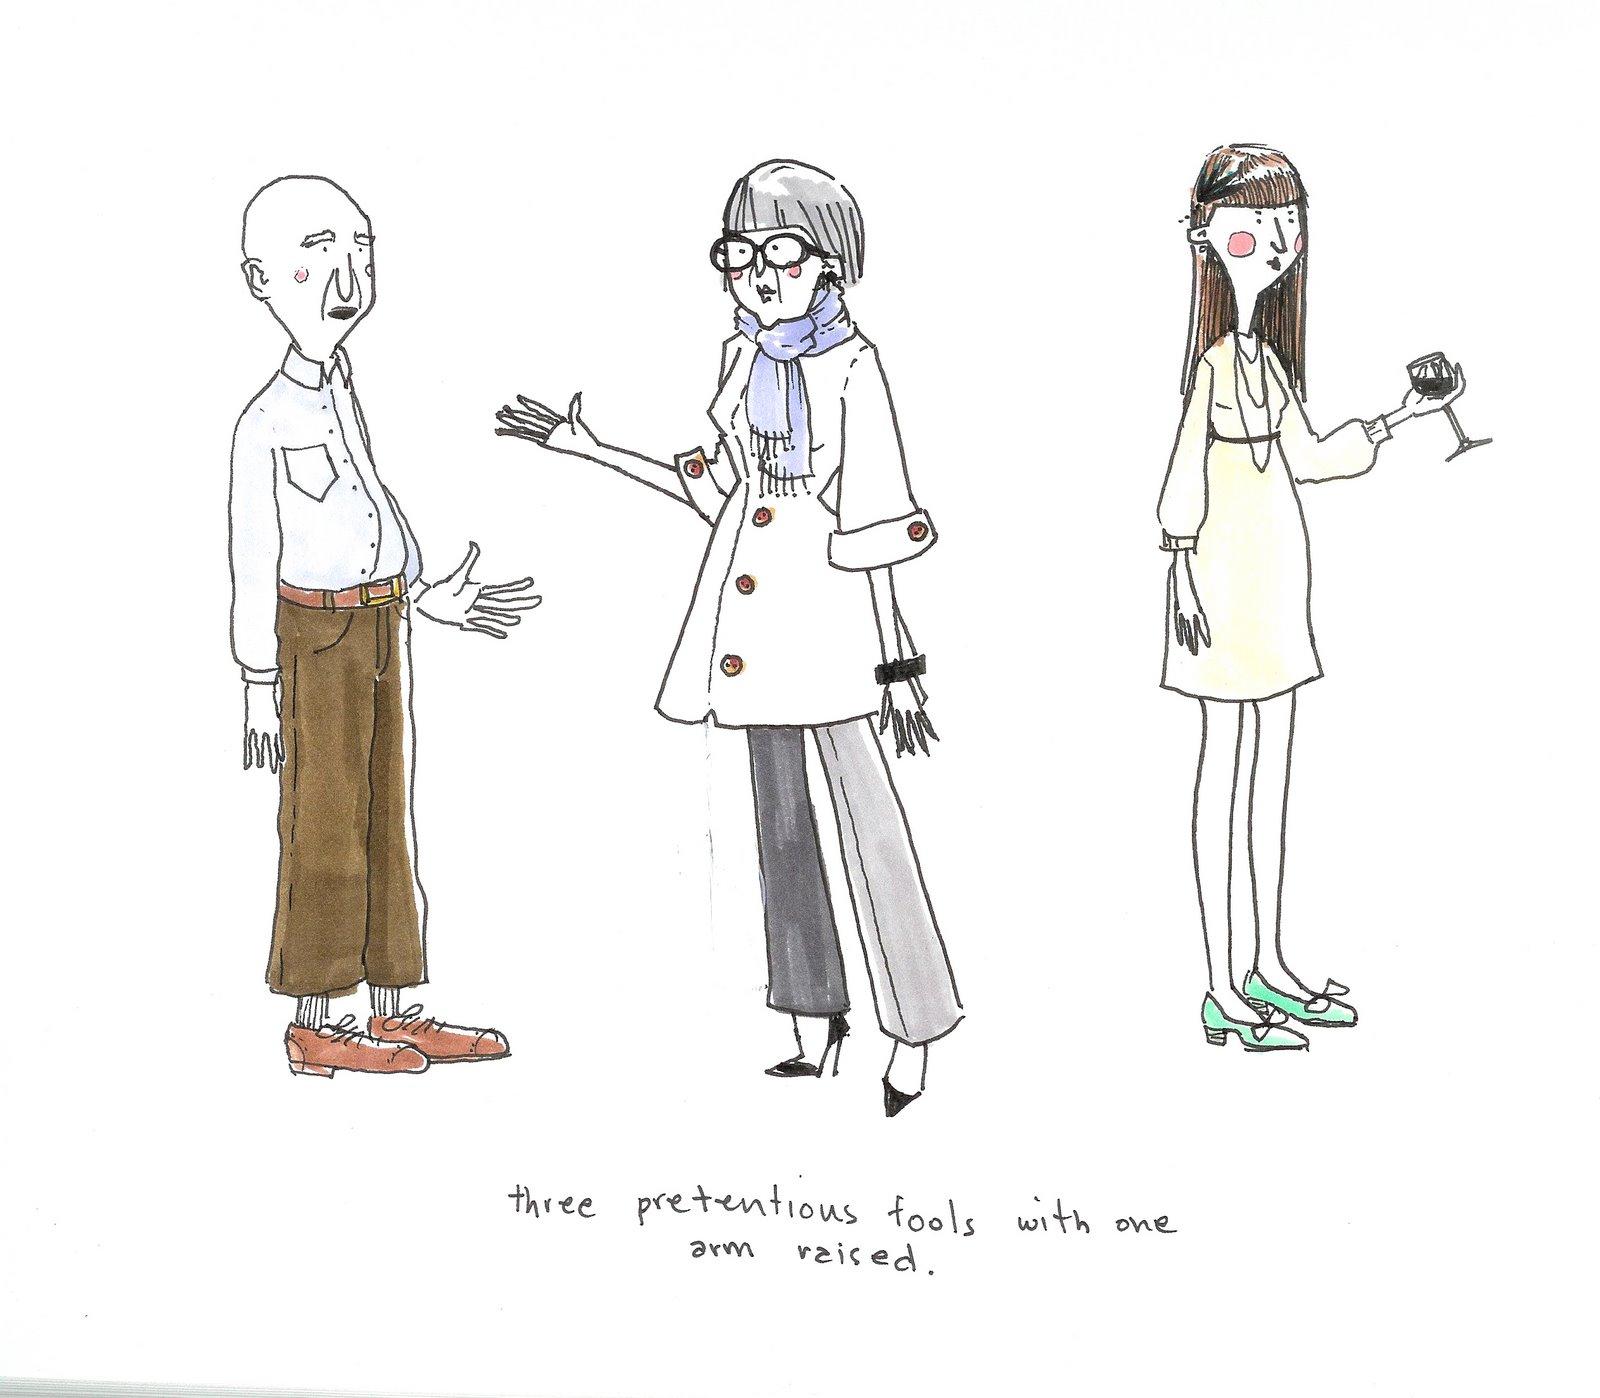 [doodle2]